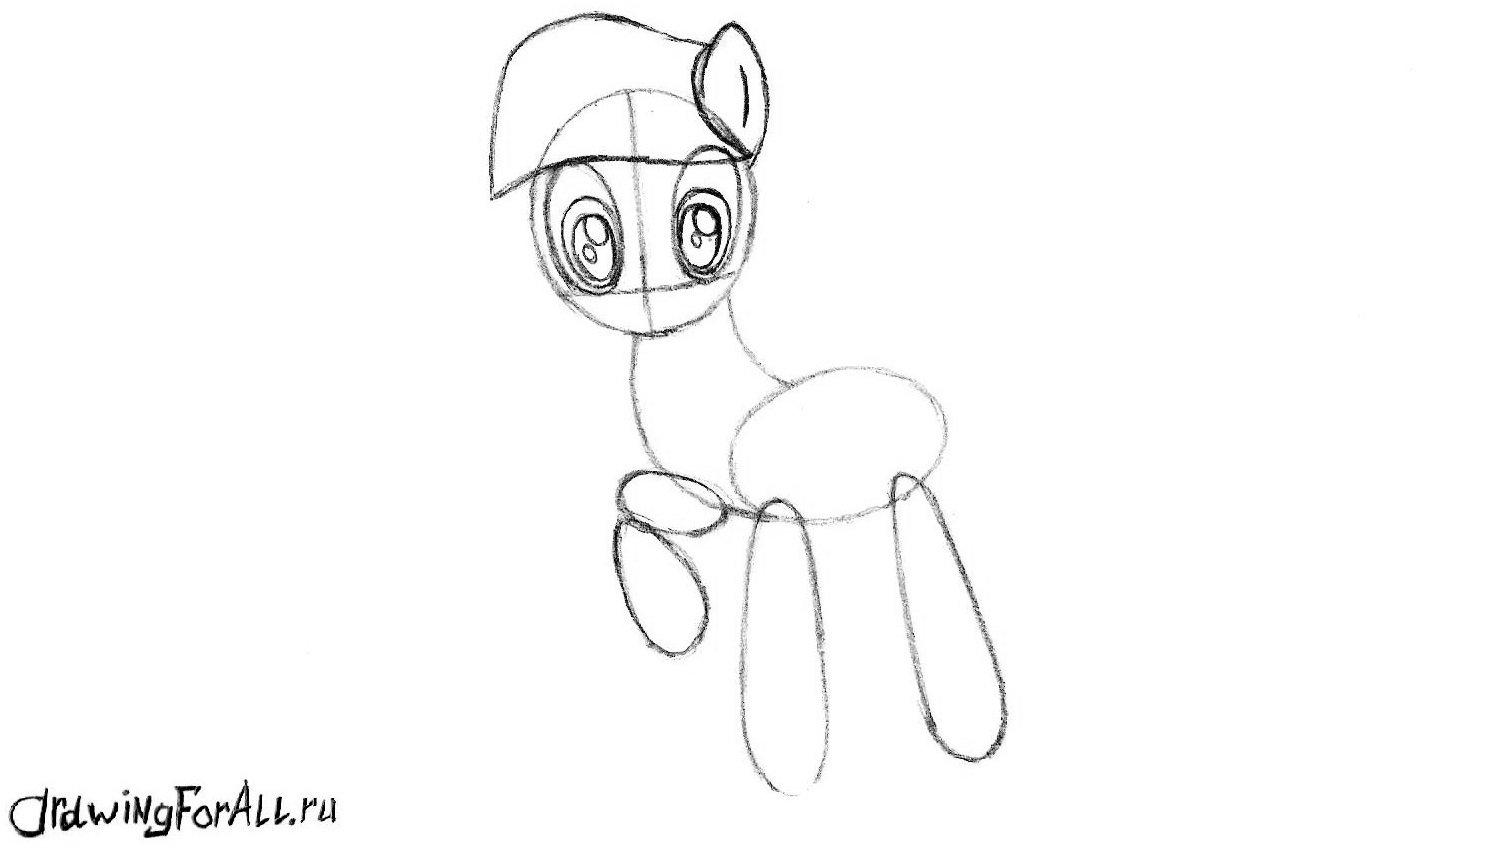 Чёлка пони